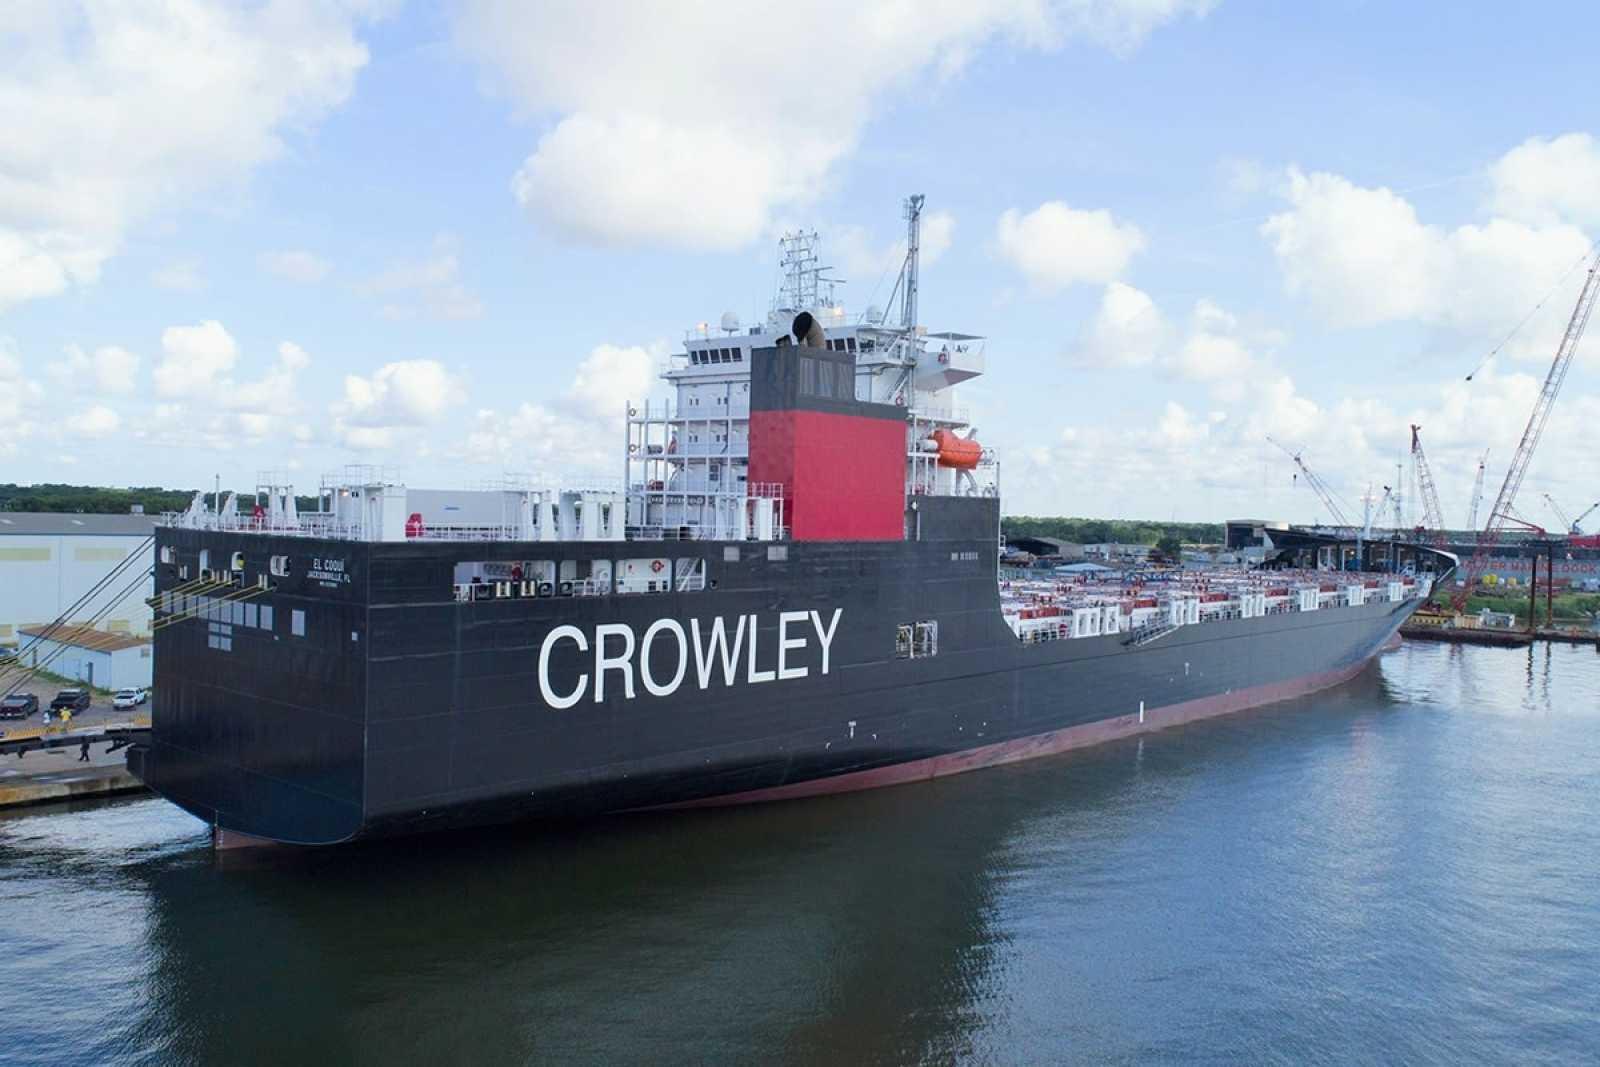 Crowley Conro